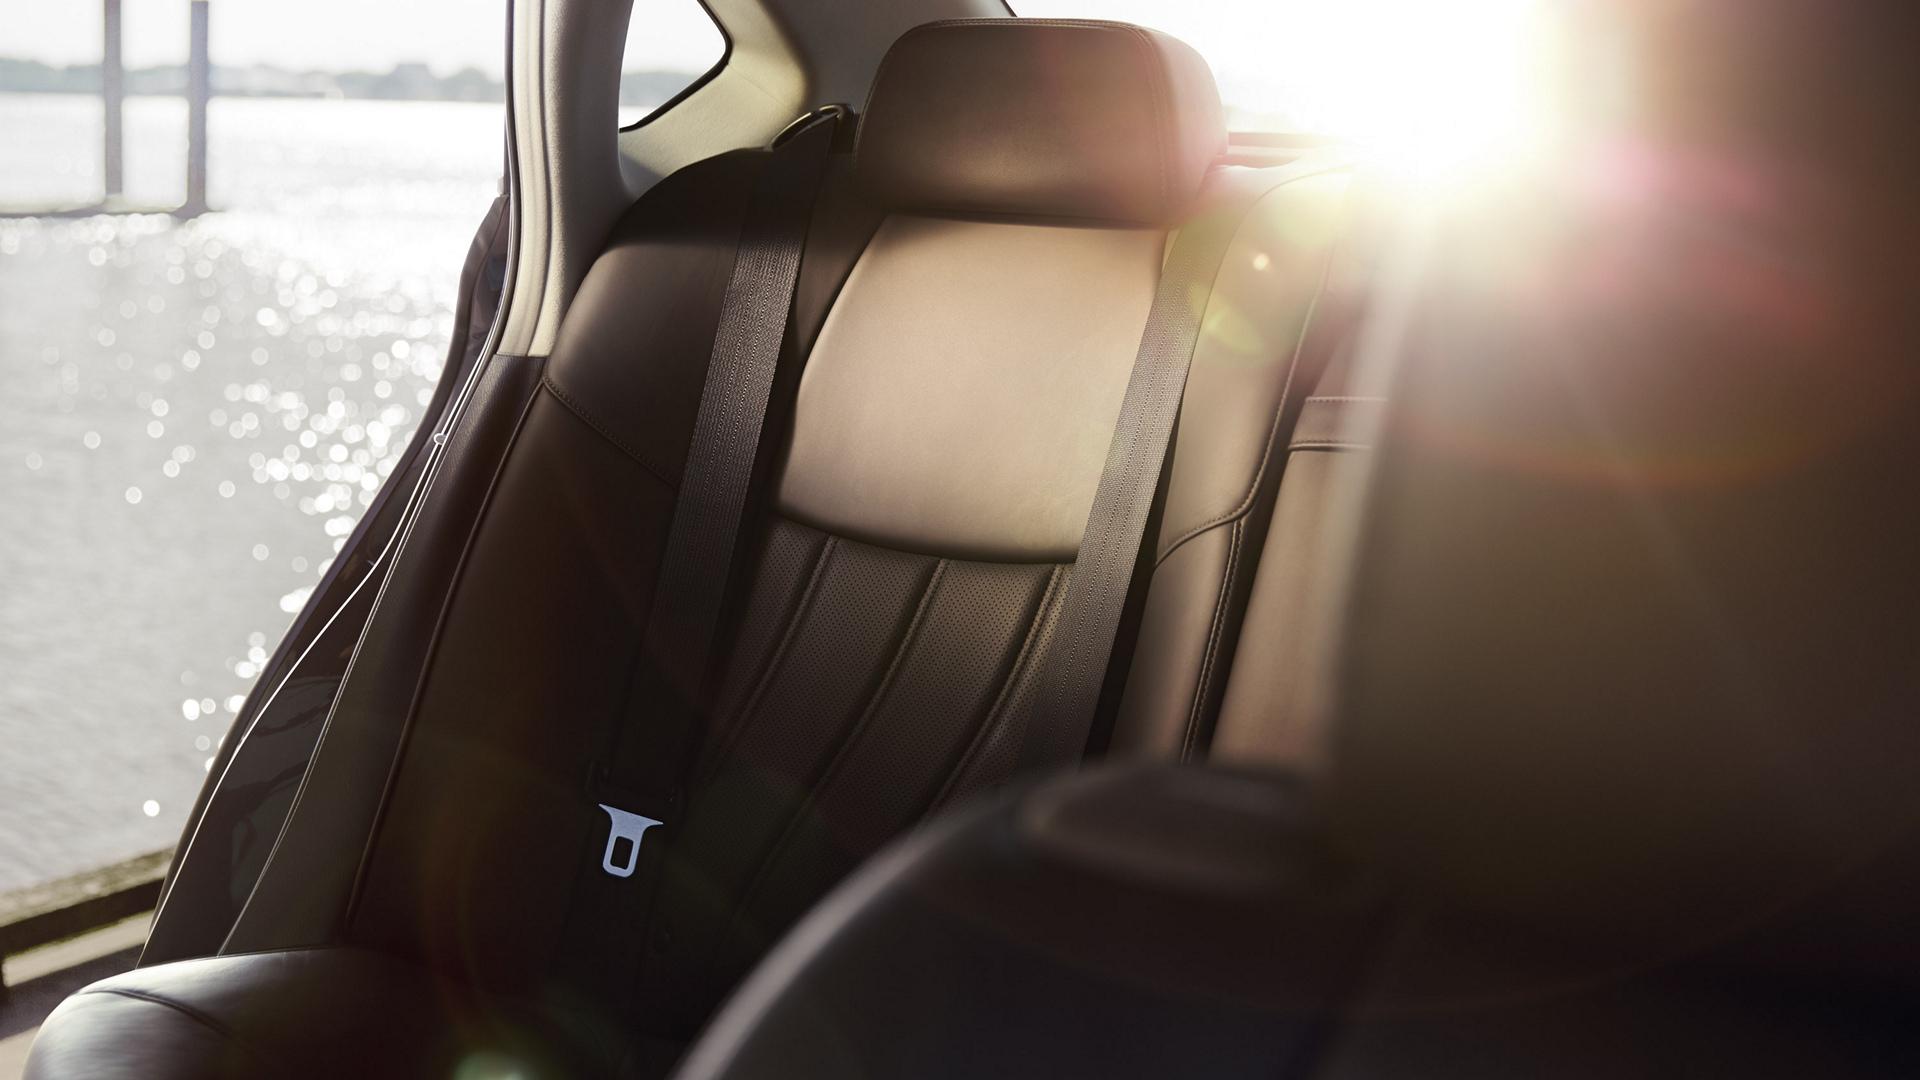 2016 Infiniti Q70L © Nissan Motor Co., Ltd.